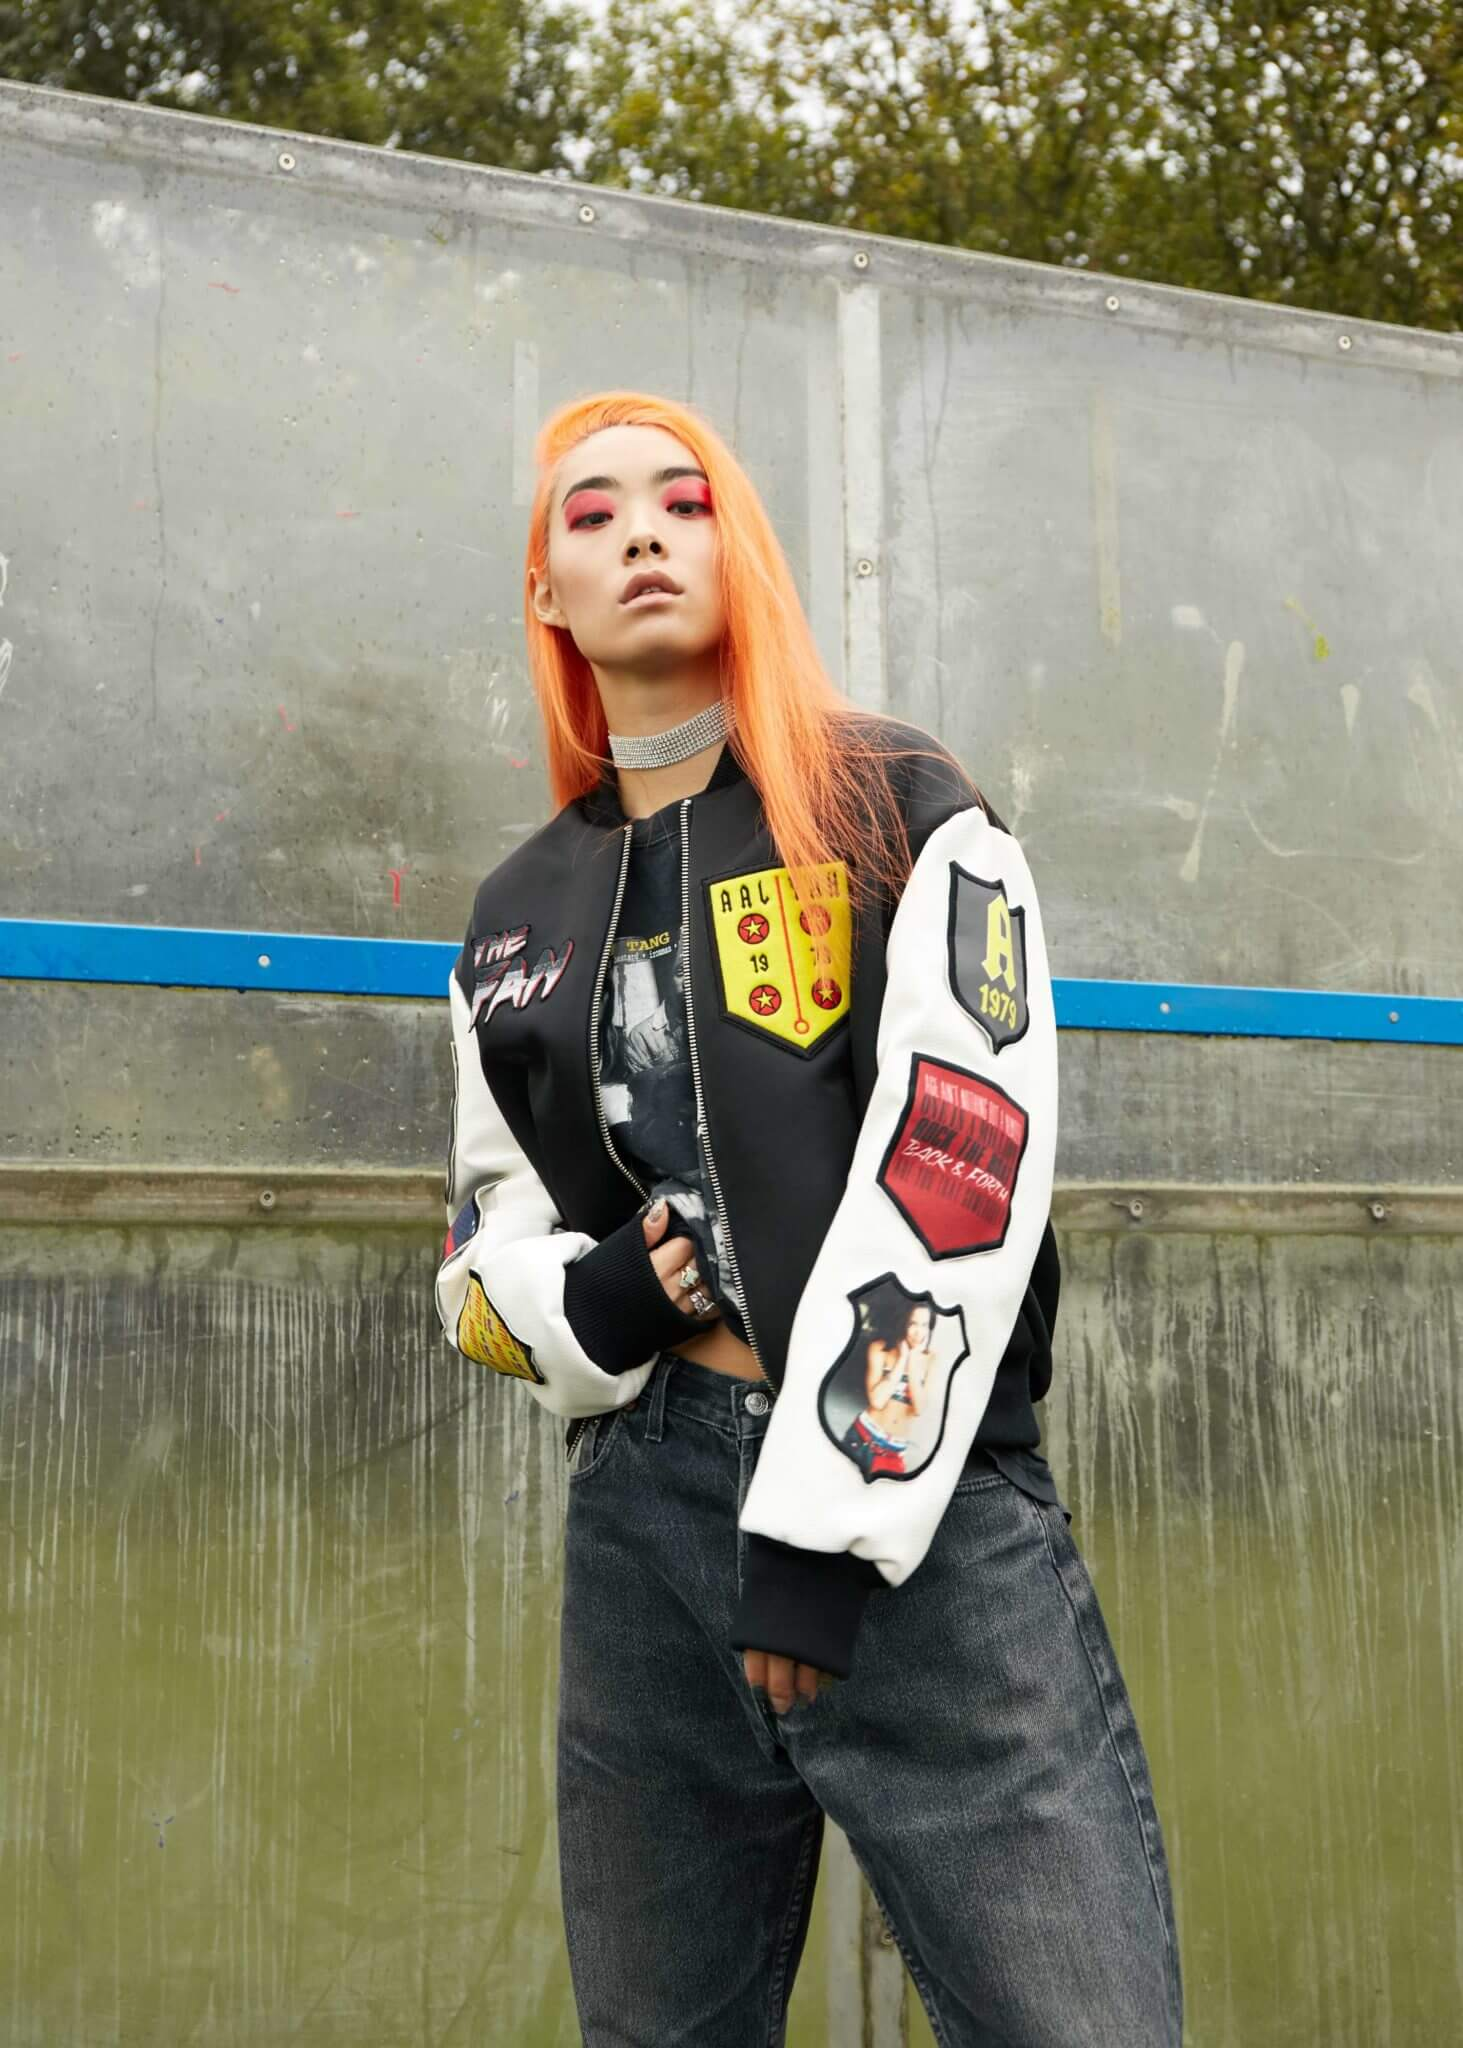 12 lanzamientos recientes que debes escuchar: Rina Sawayama + Mac Miller + Lil Uzi Vert y más